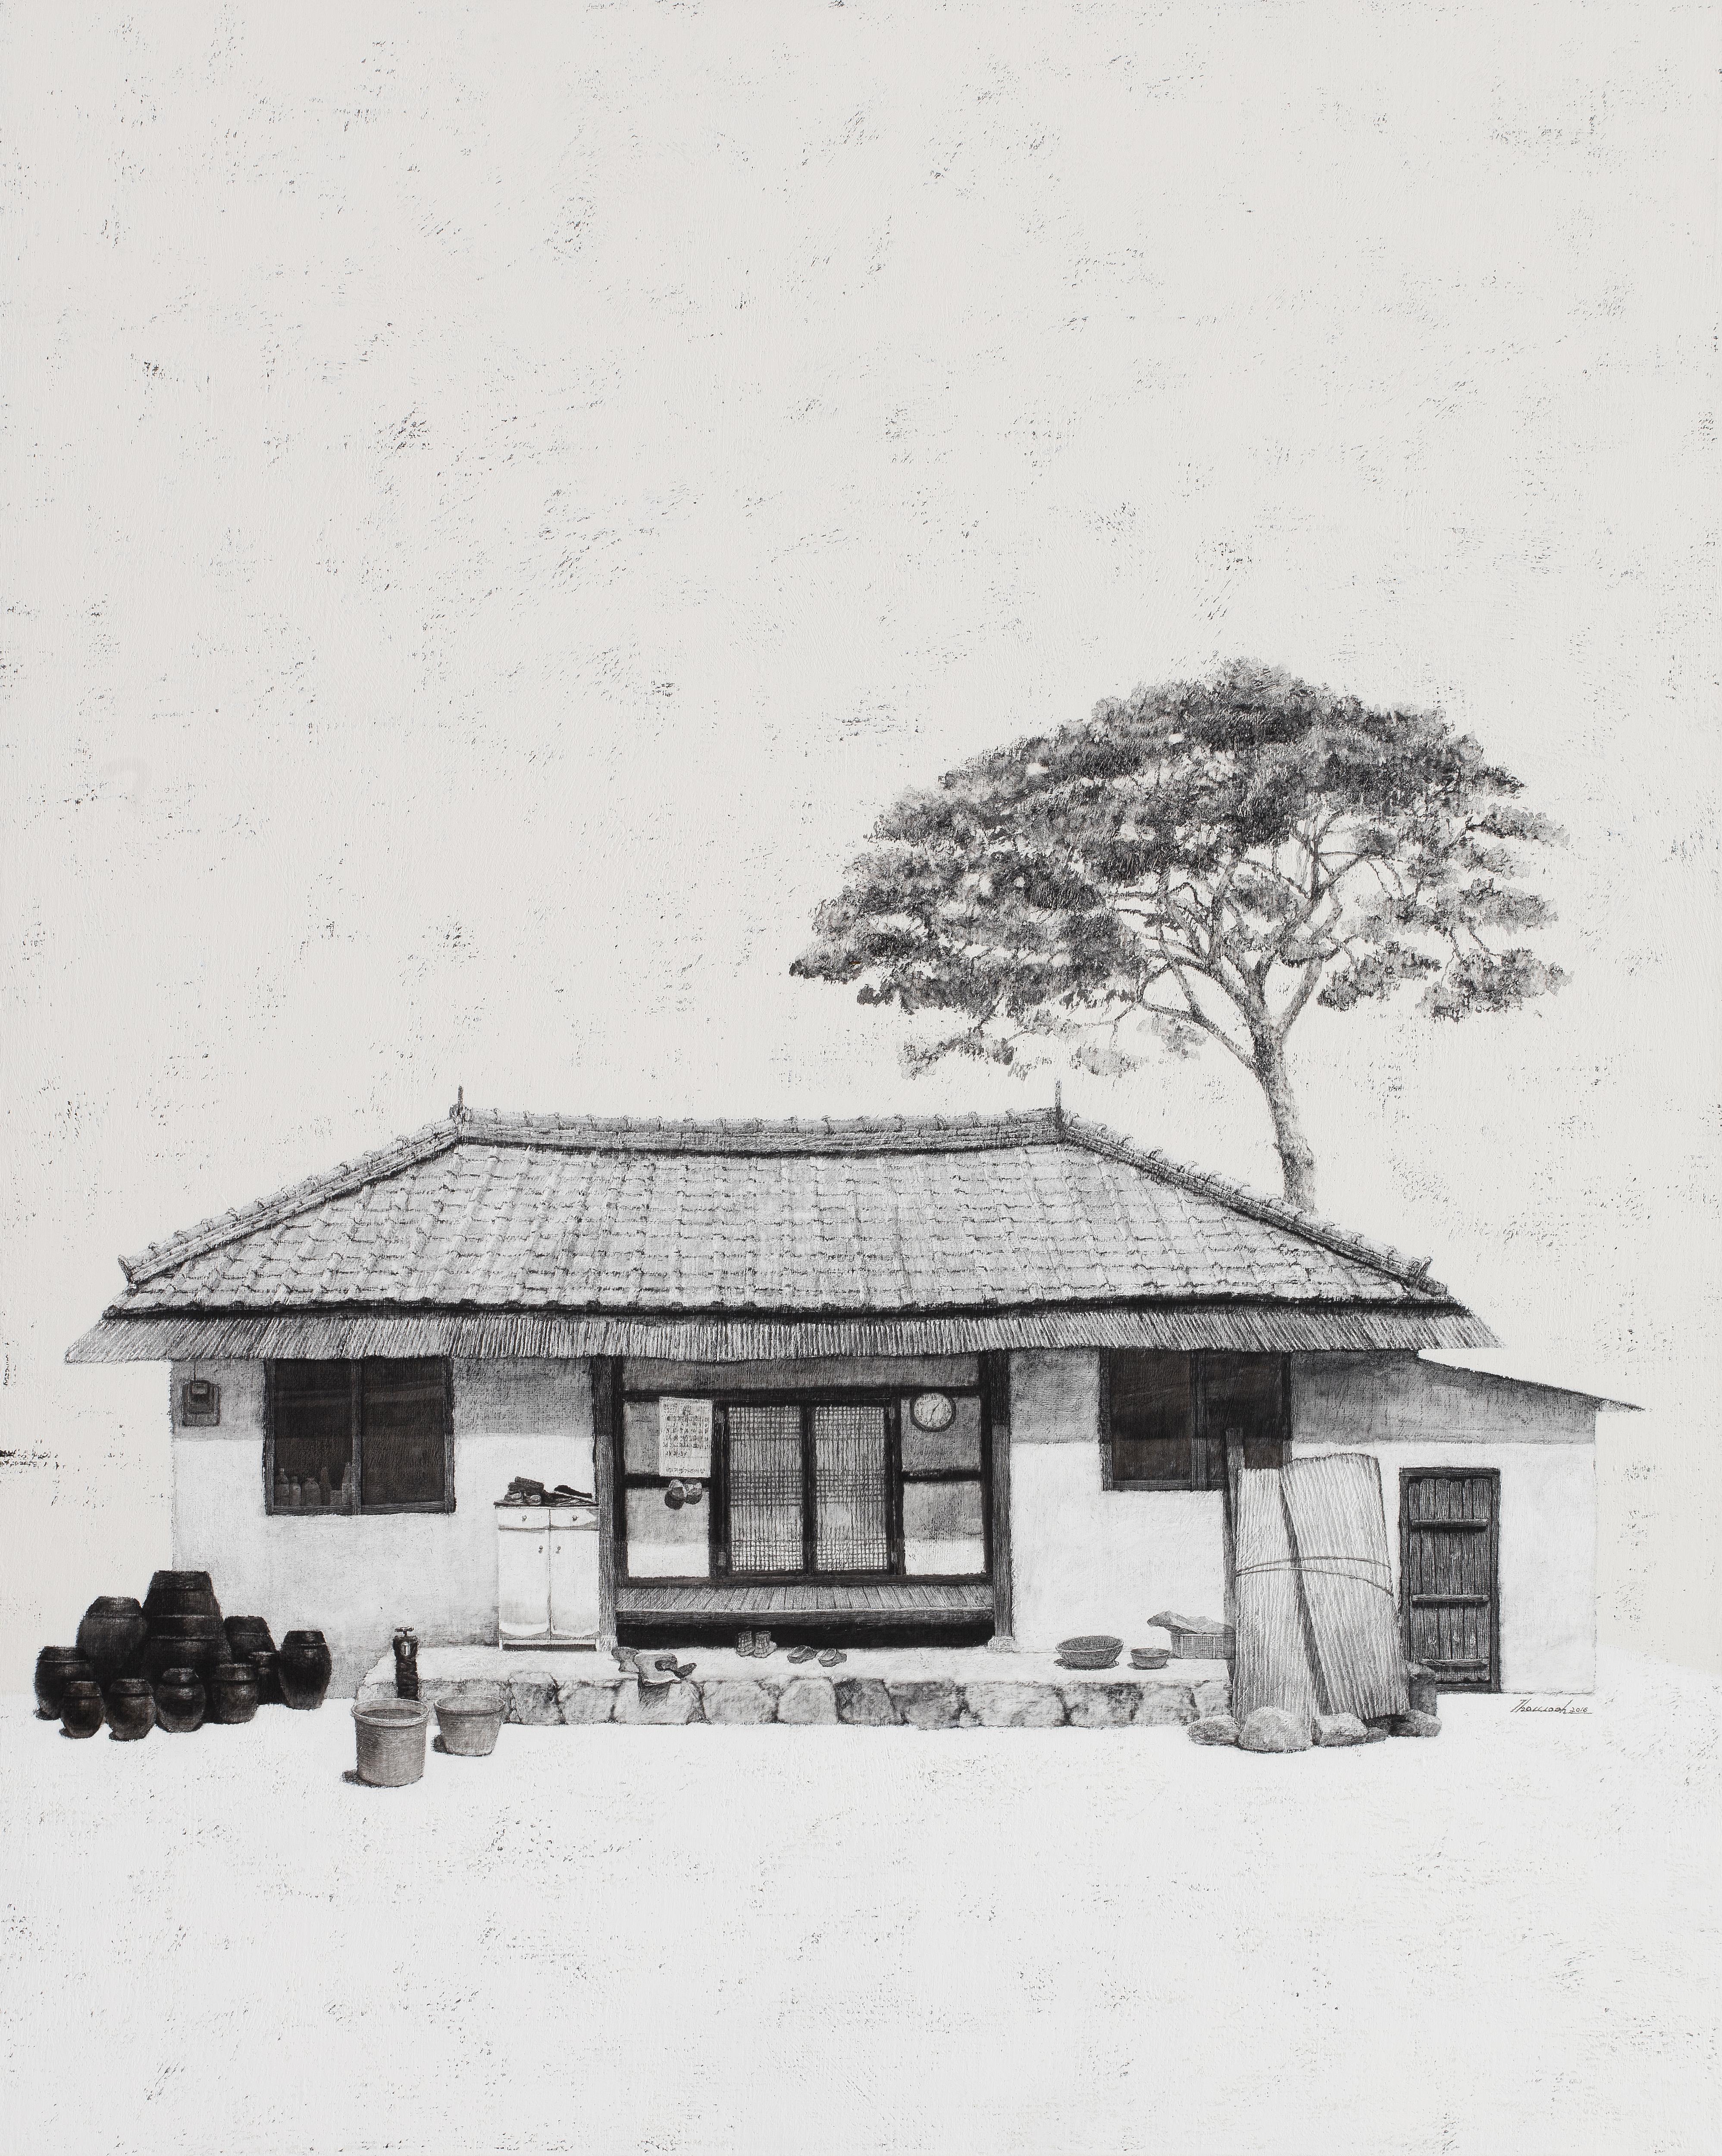 김용일, 생초진열이네집, 90.9x72.7cm, charcoal and acrylic on canvas, 2016